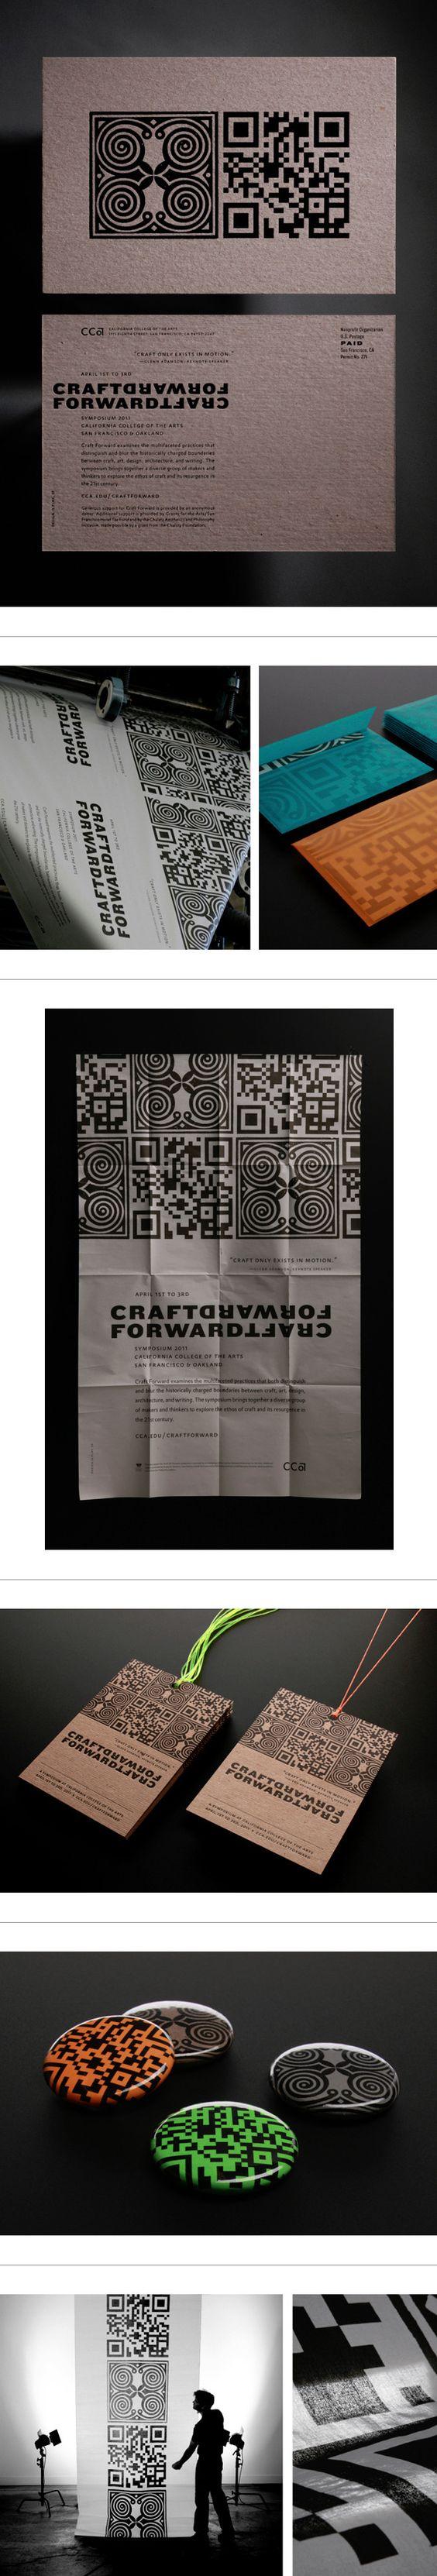 CCA Craft Forward Symposium Identity System